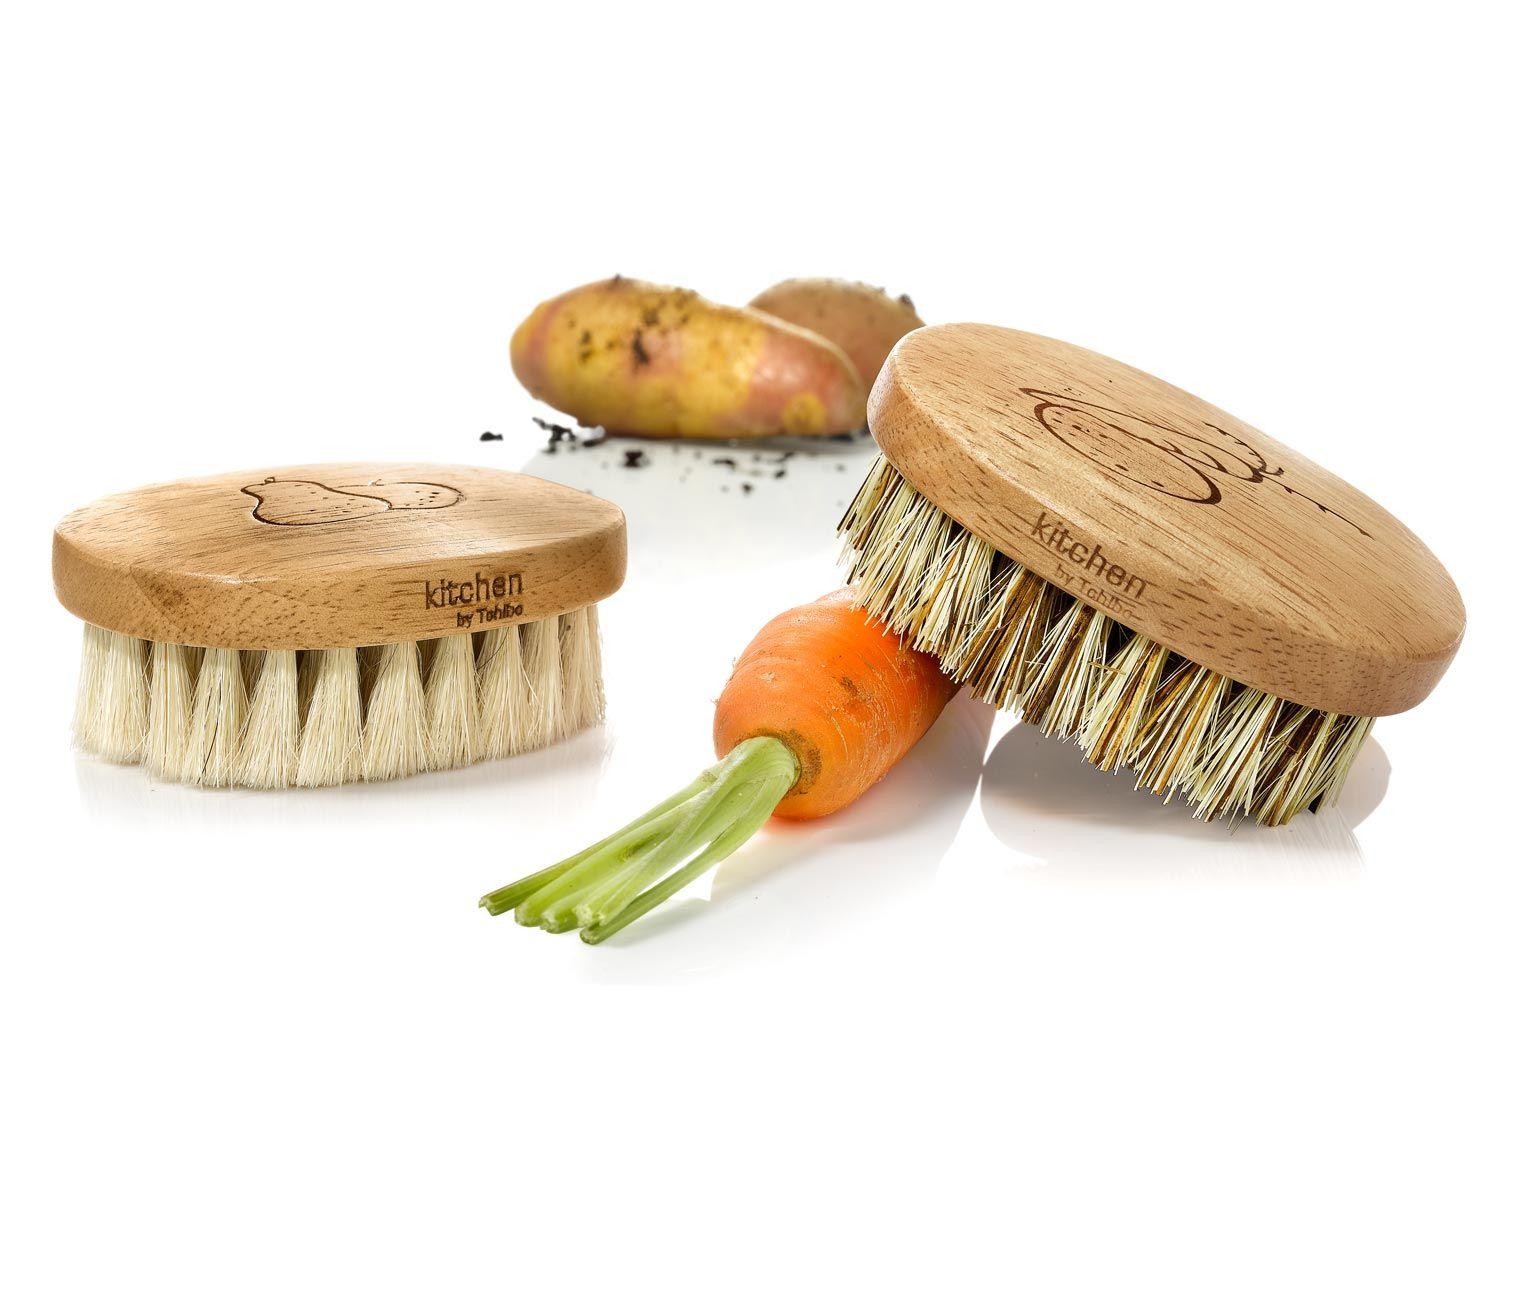 6,95 € Pár, s ktorým ľahko odstránite špinu. Súprava obsahuje mäkkú kefku napríklad na jablká, hrušky, huby a mäkkú zeleninu a tvrdú kefku na čistenie napríklad mrkvy a zemiakov. Oválne drevené držadlo s razením sa dobre drží v ruke.